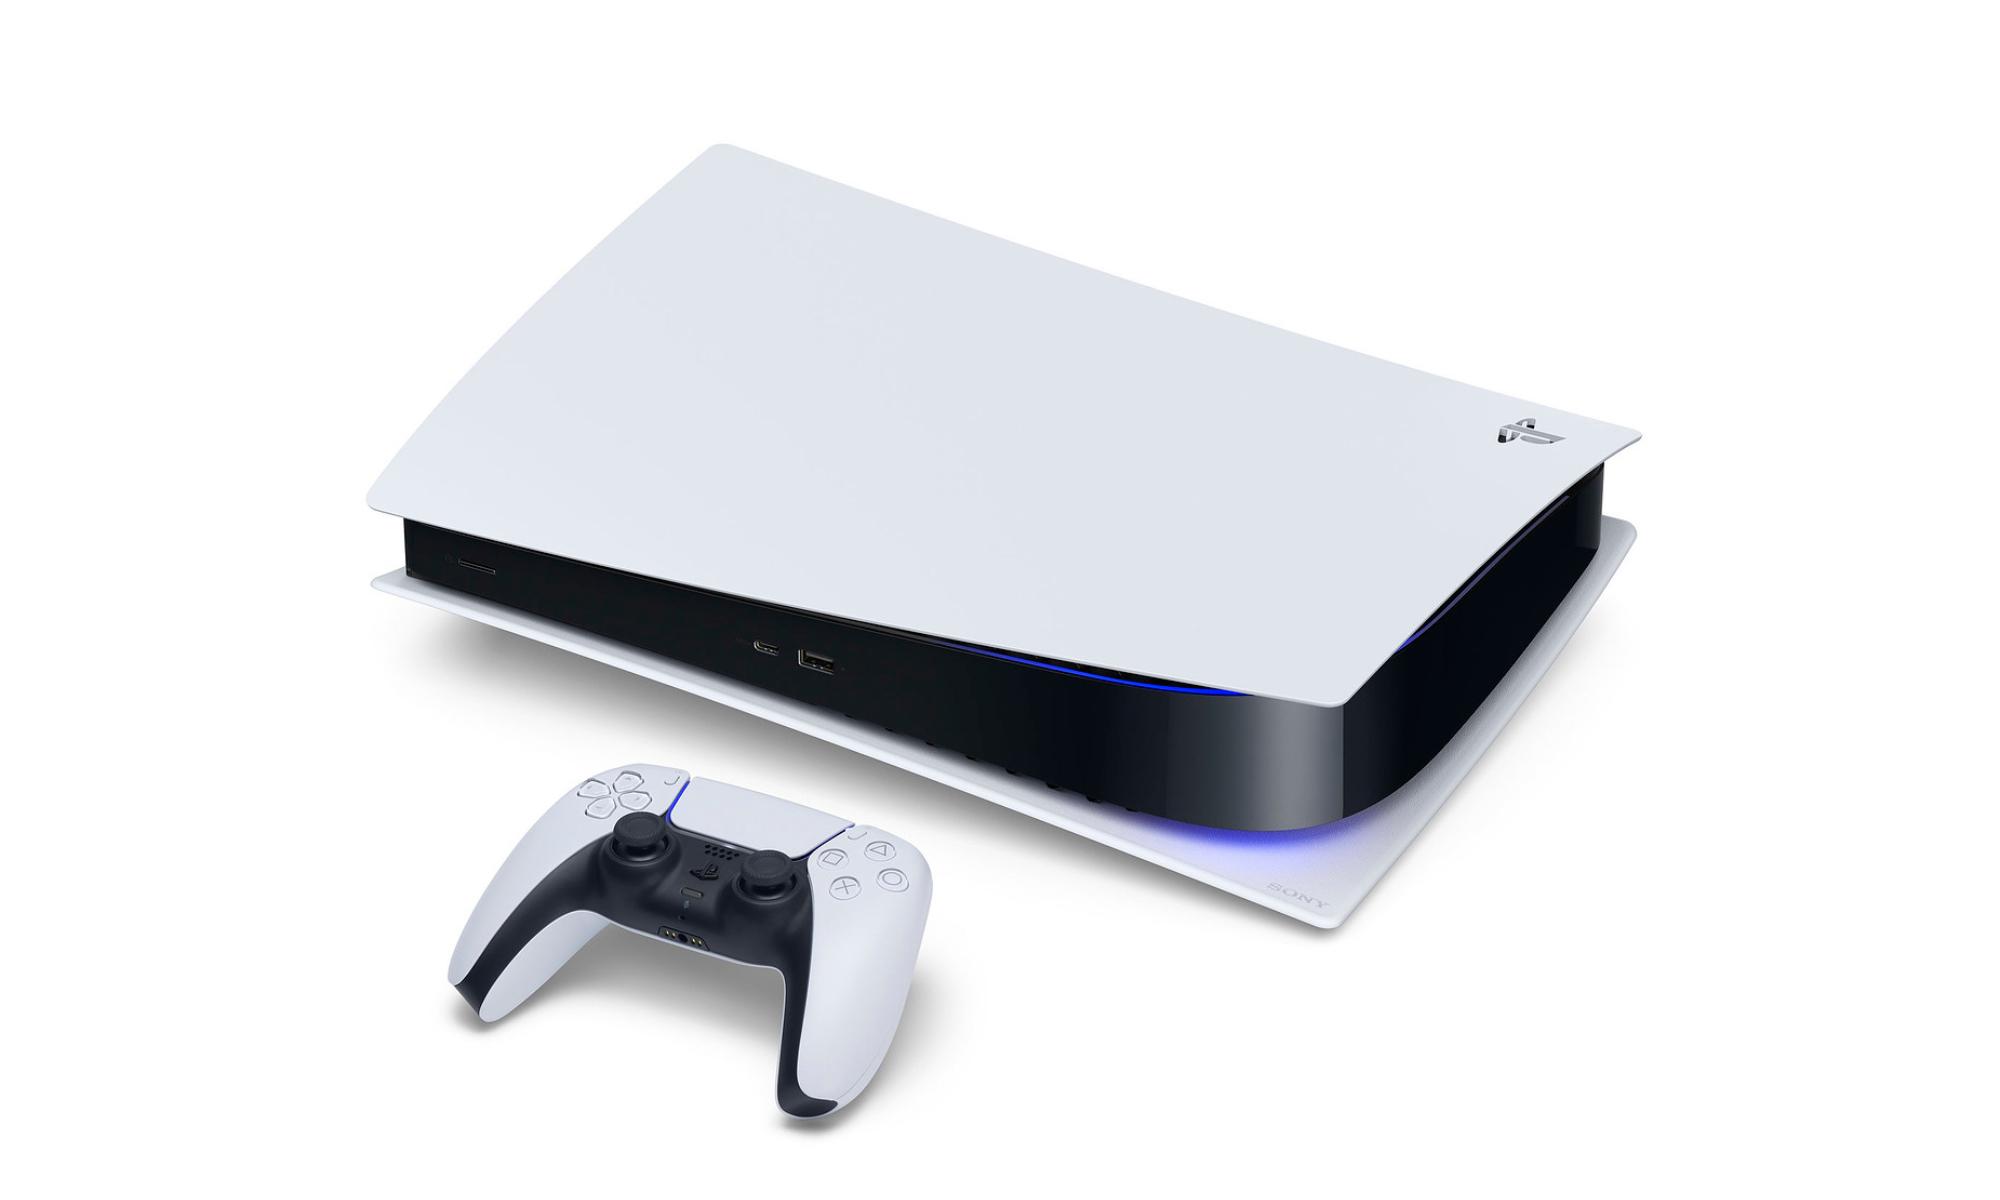 发售倒计时开启,国行 PS5 已获 3C 认证